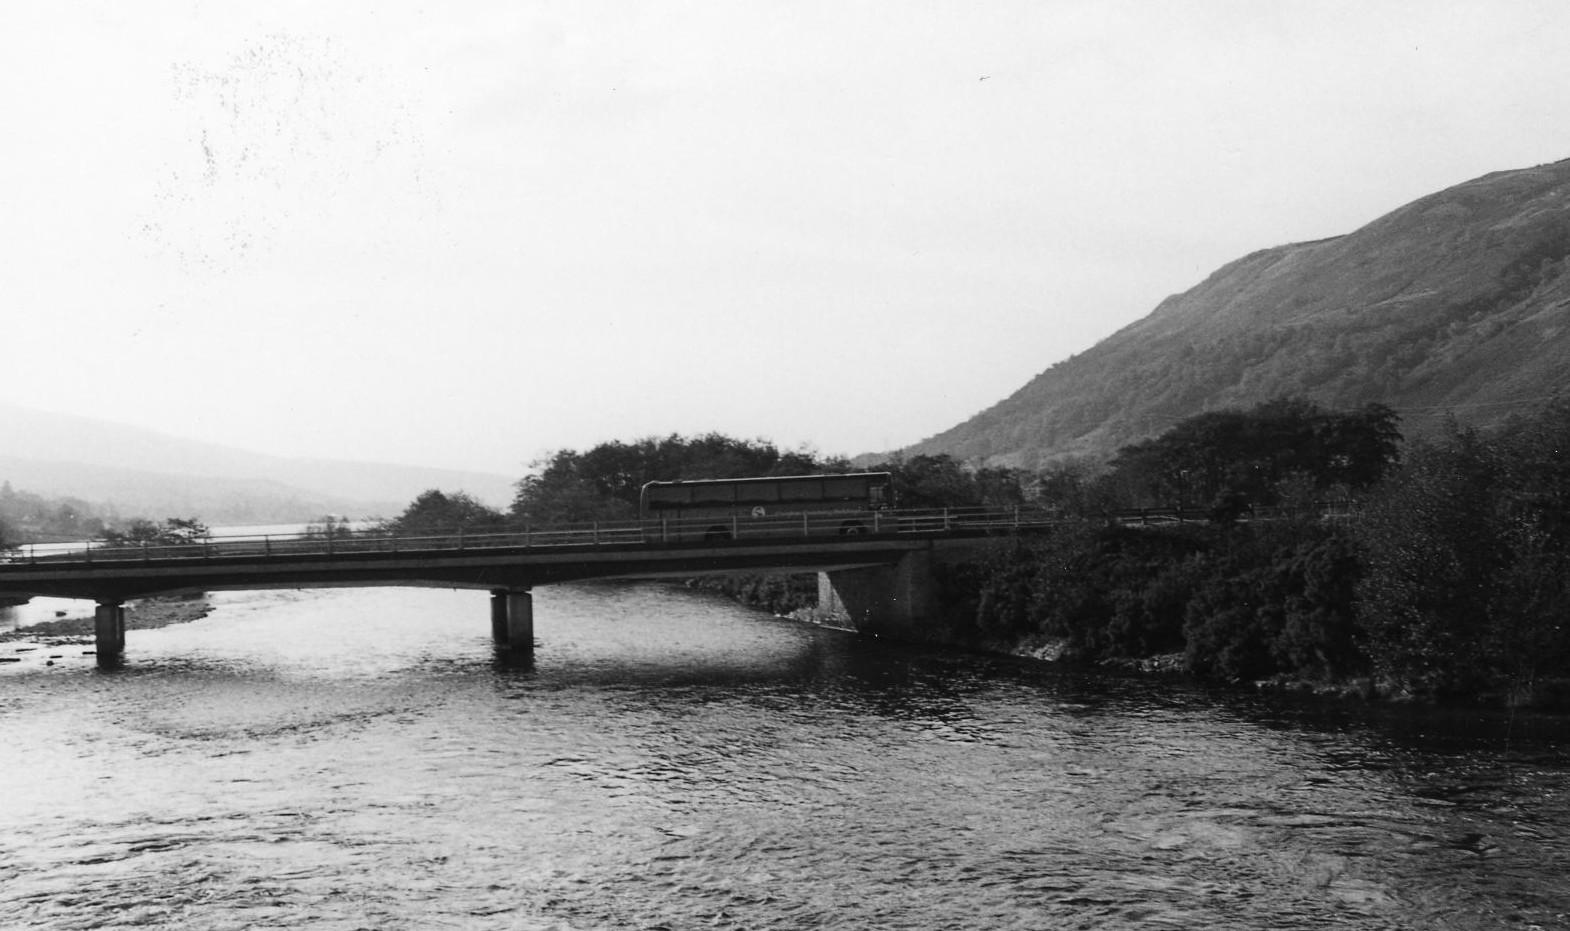 Bus on Fyne Bridge